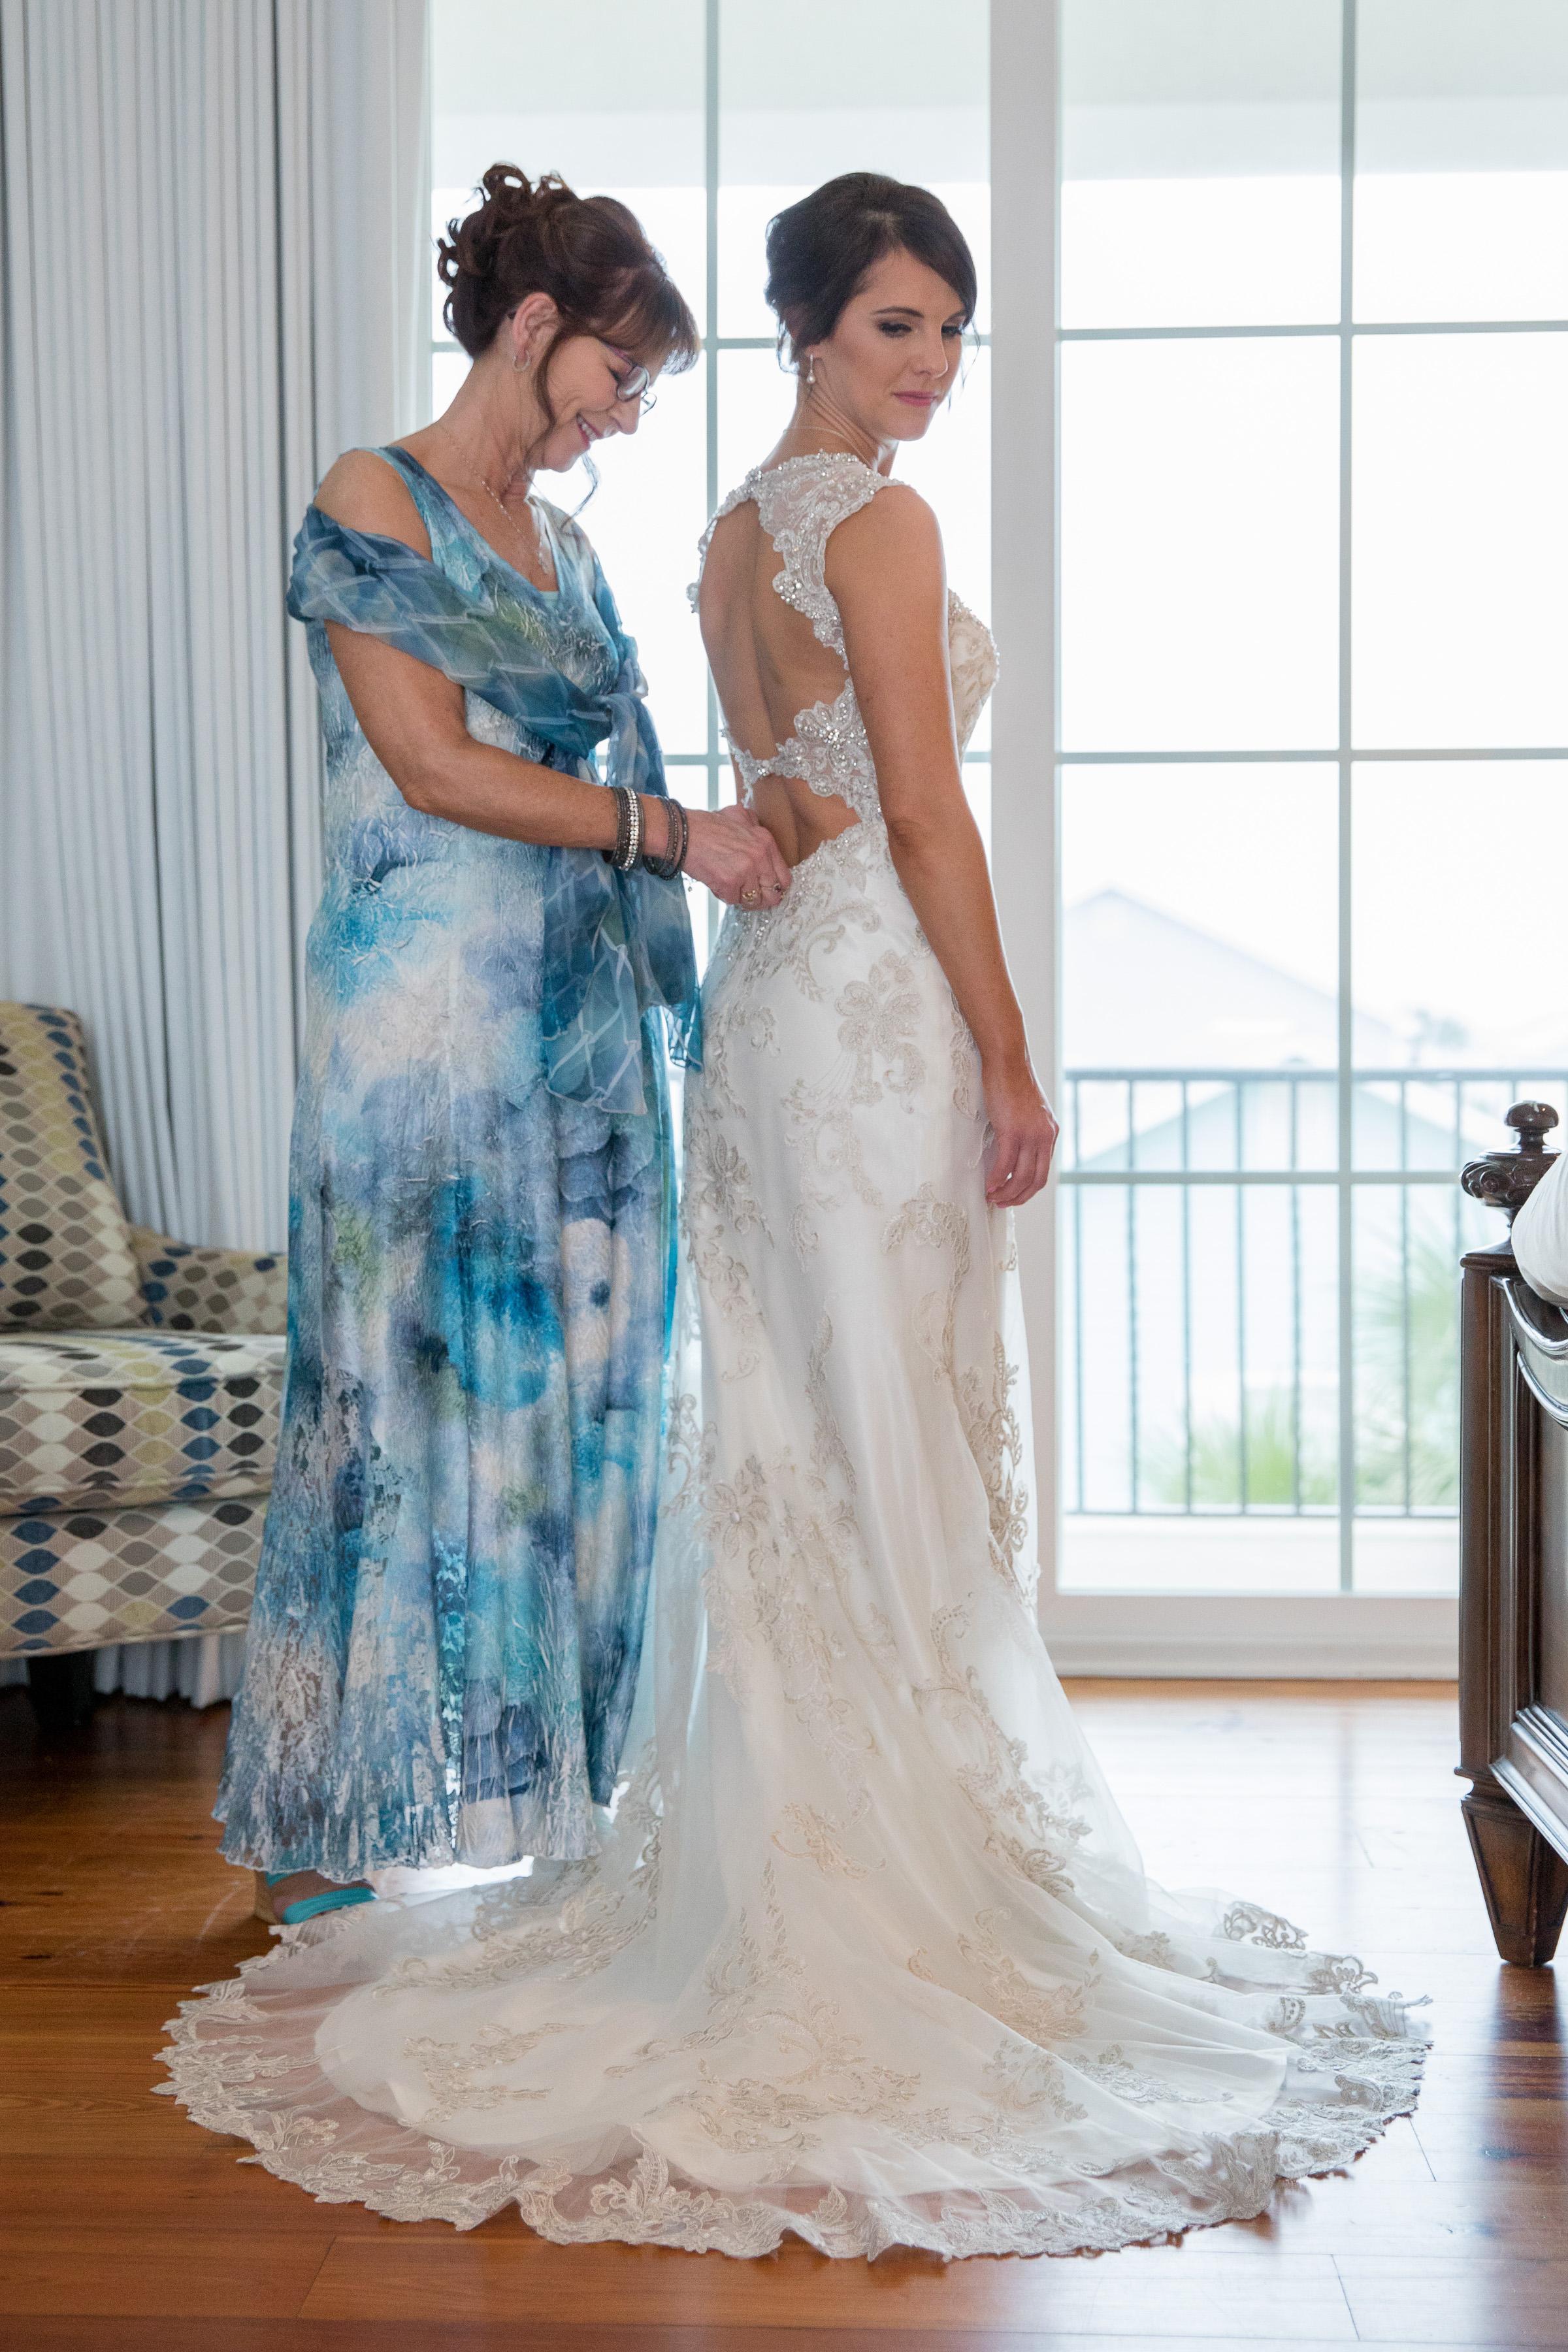 destin beach wedding package picture77_ (4).jpg